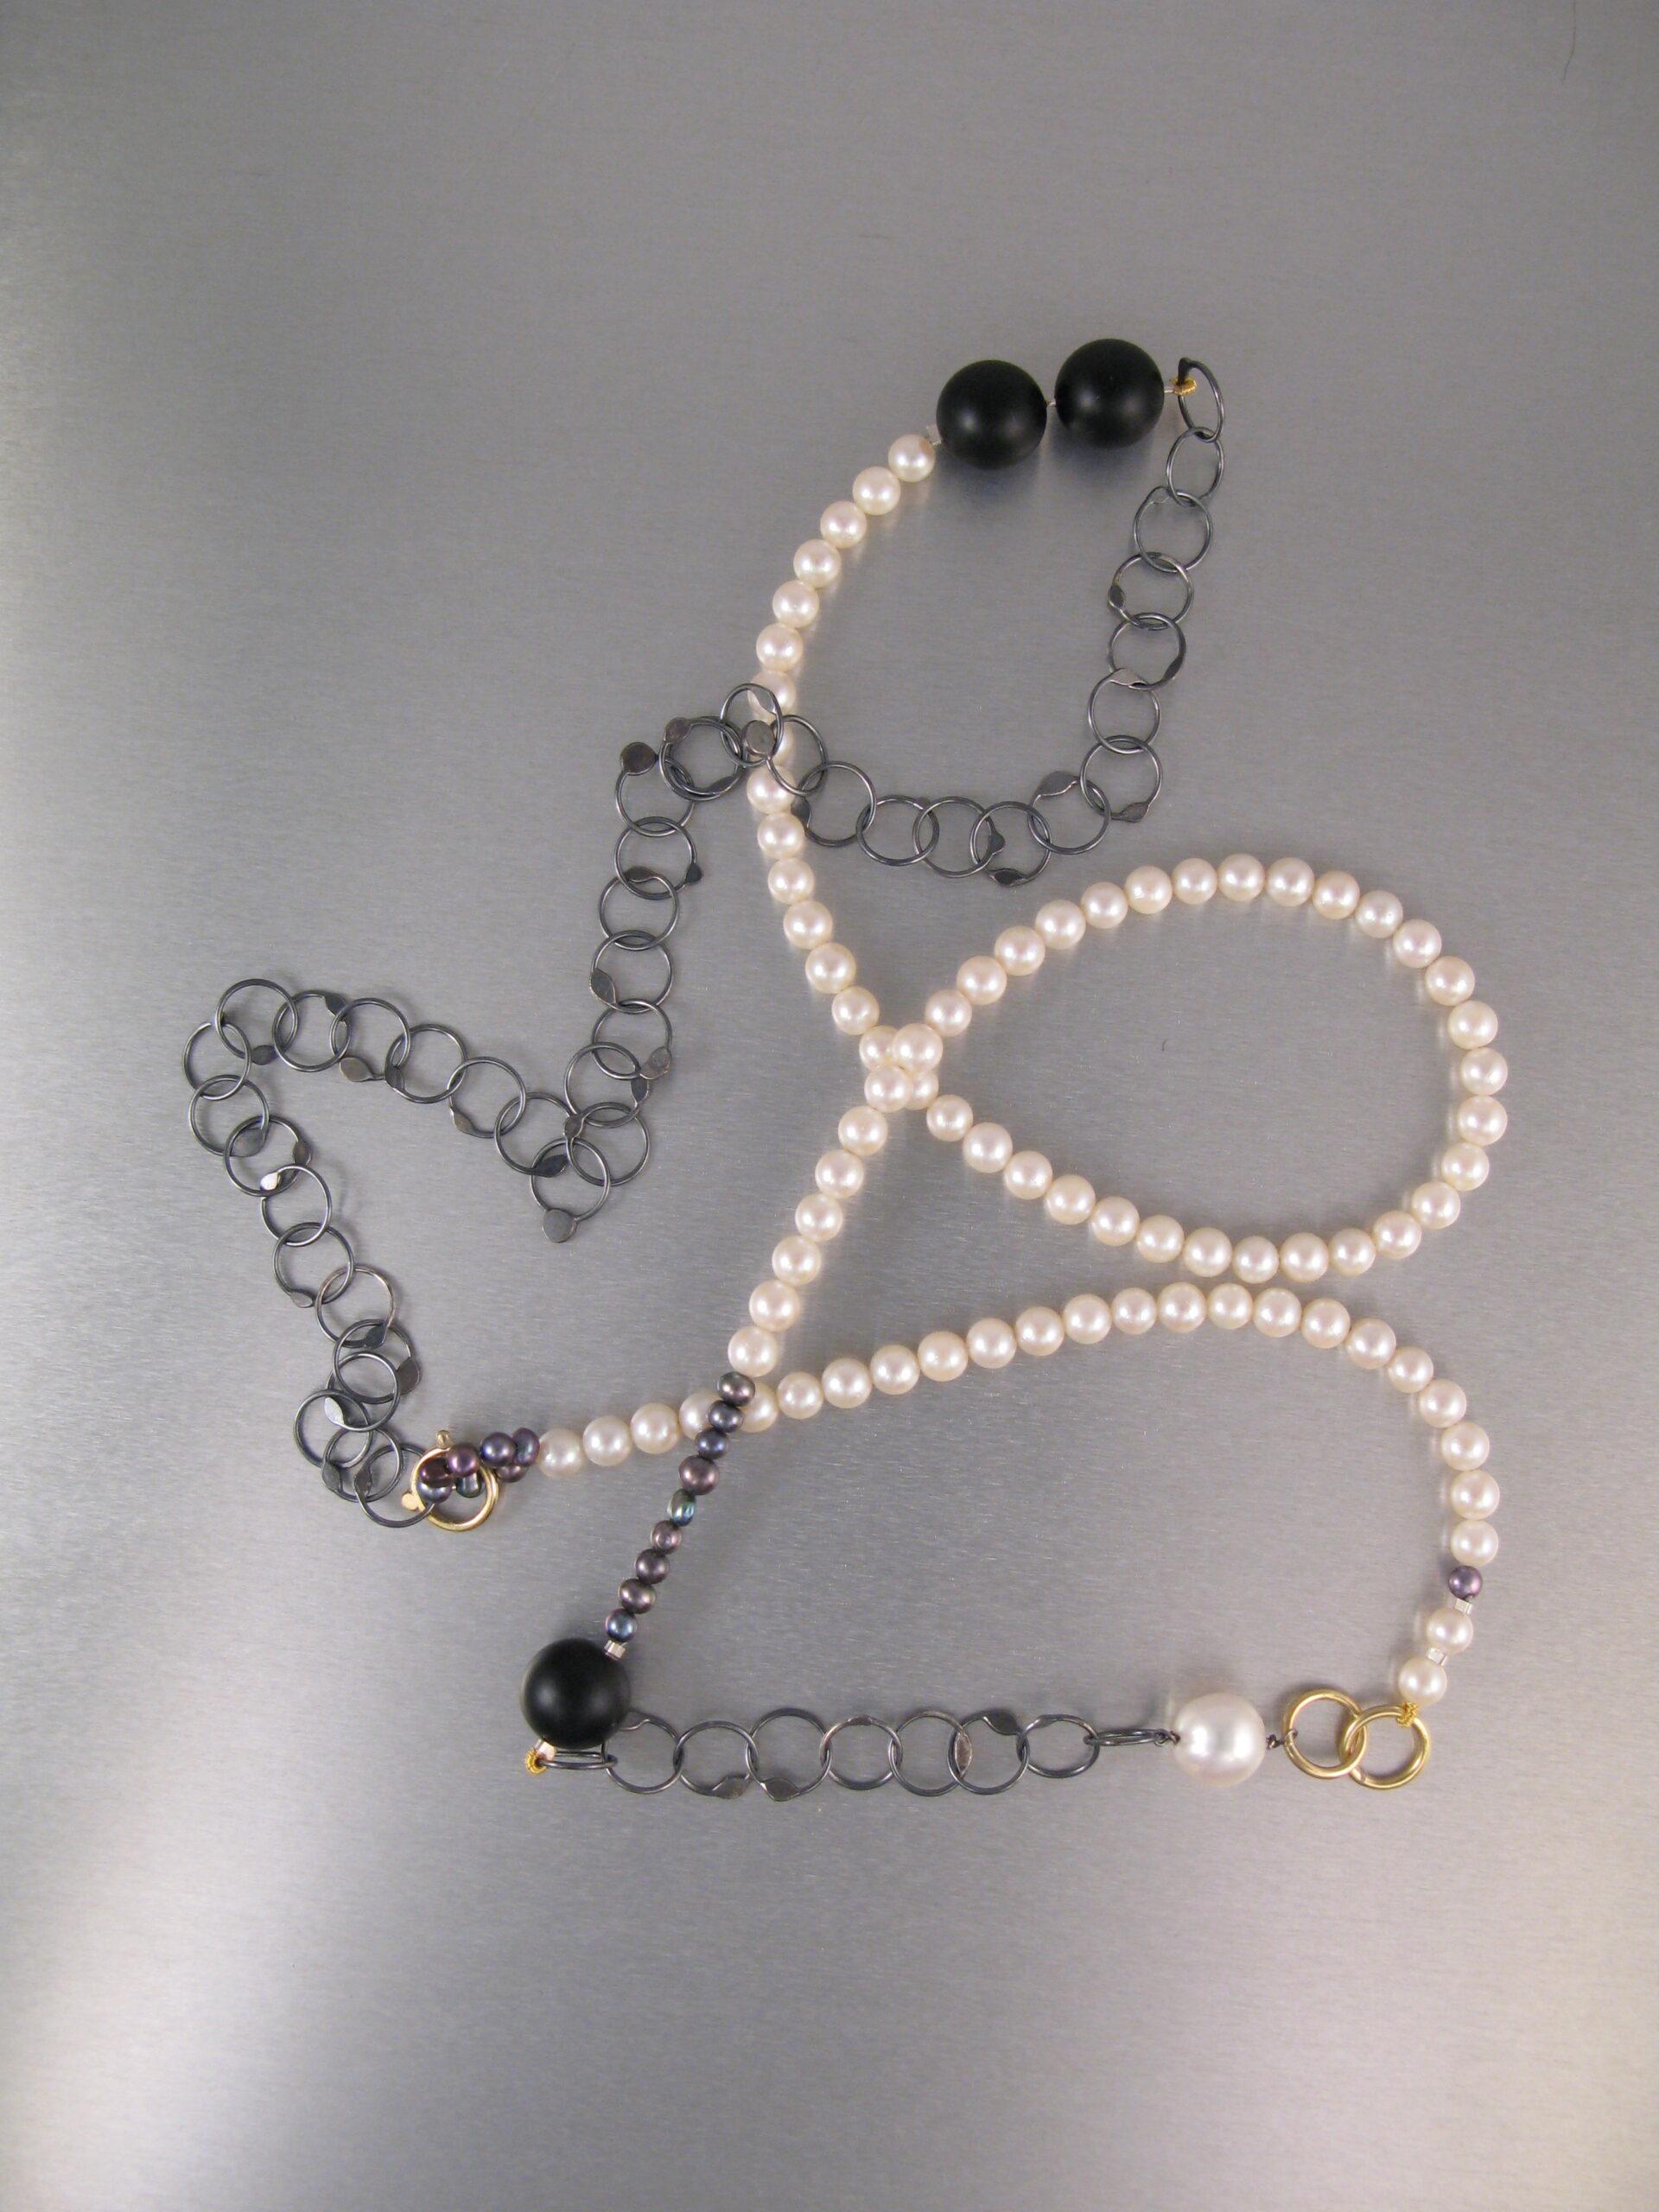 Collier, silver, guld, pärlor och onyx